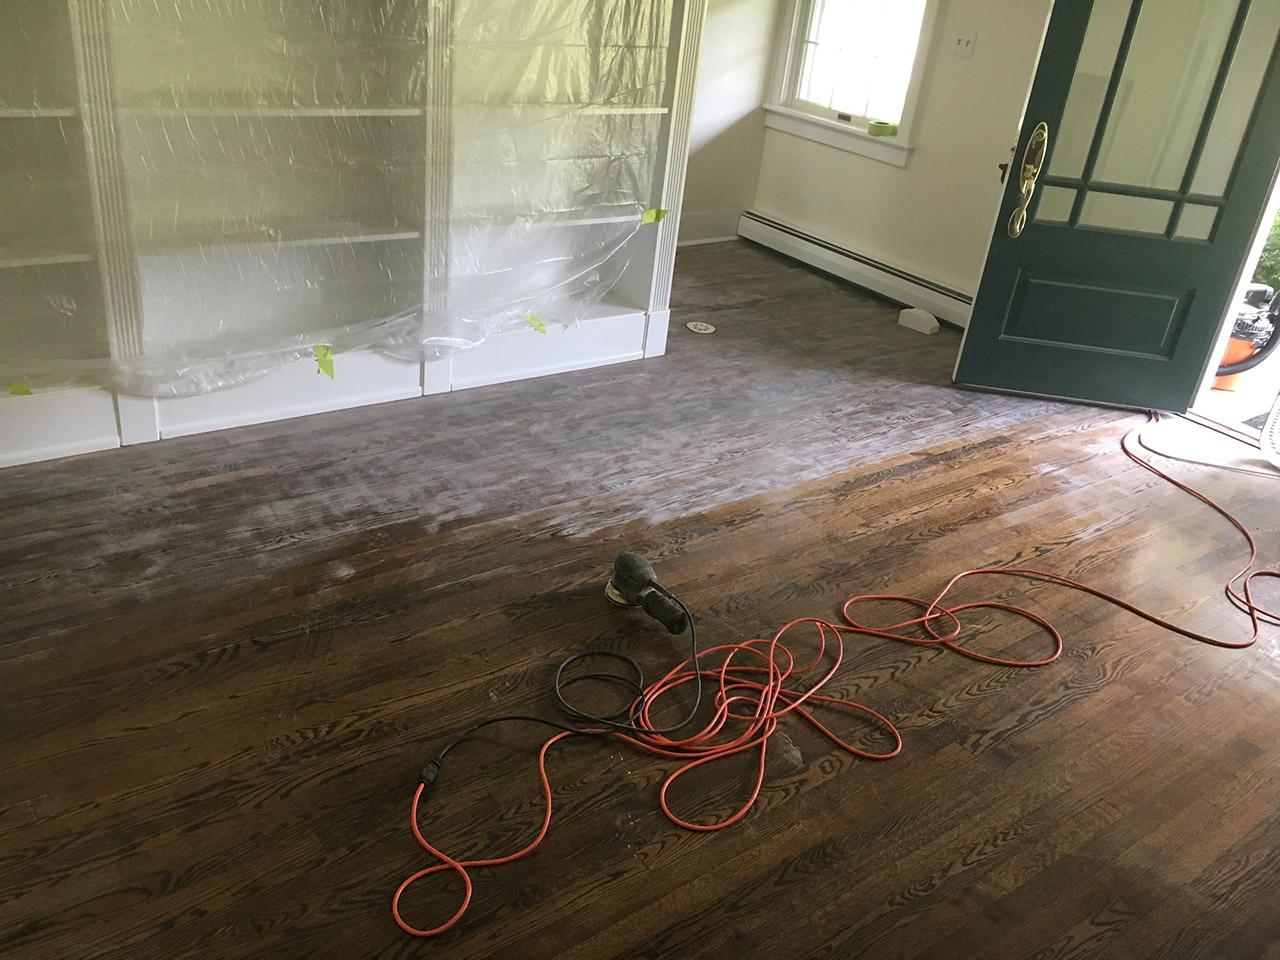 sanding the floor